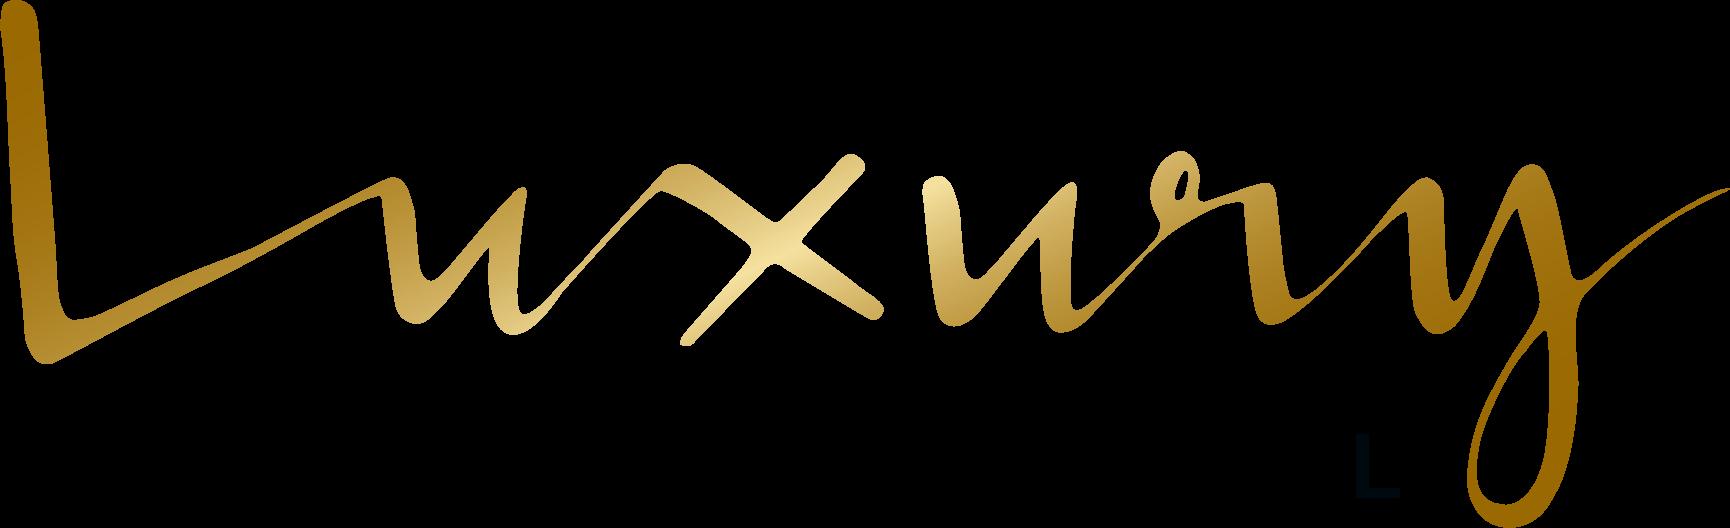 The KW Luxury Designation